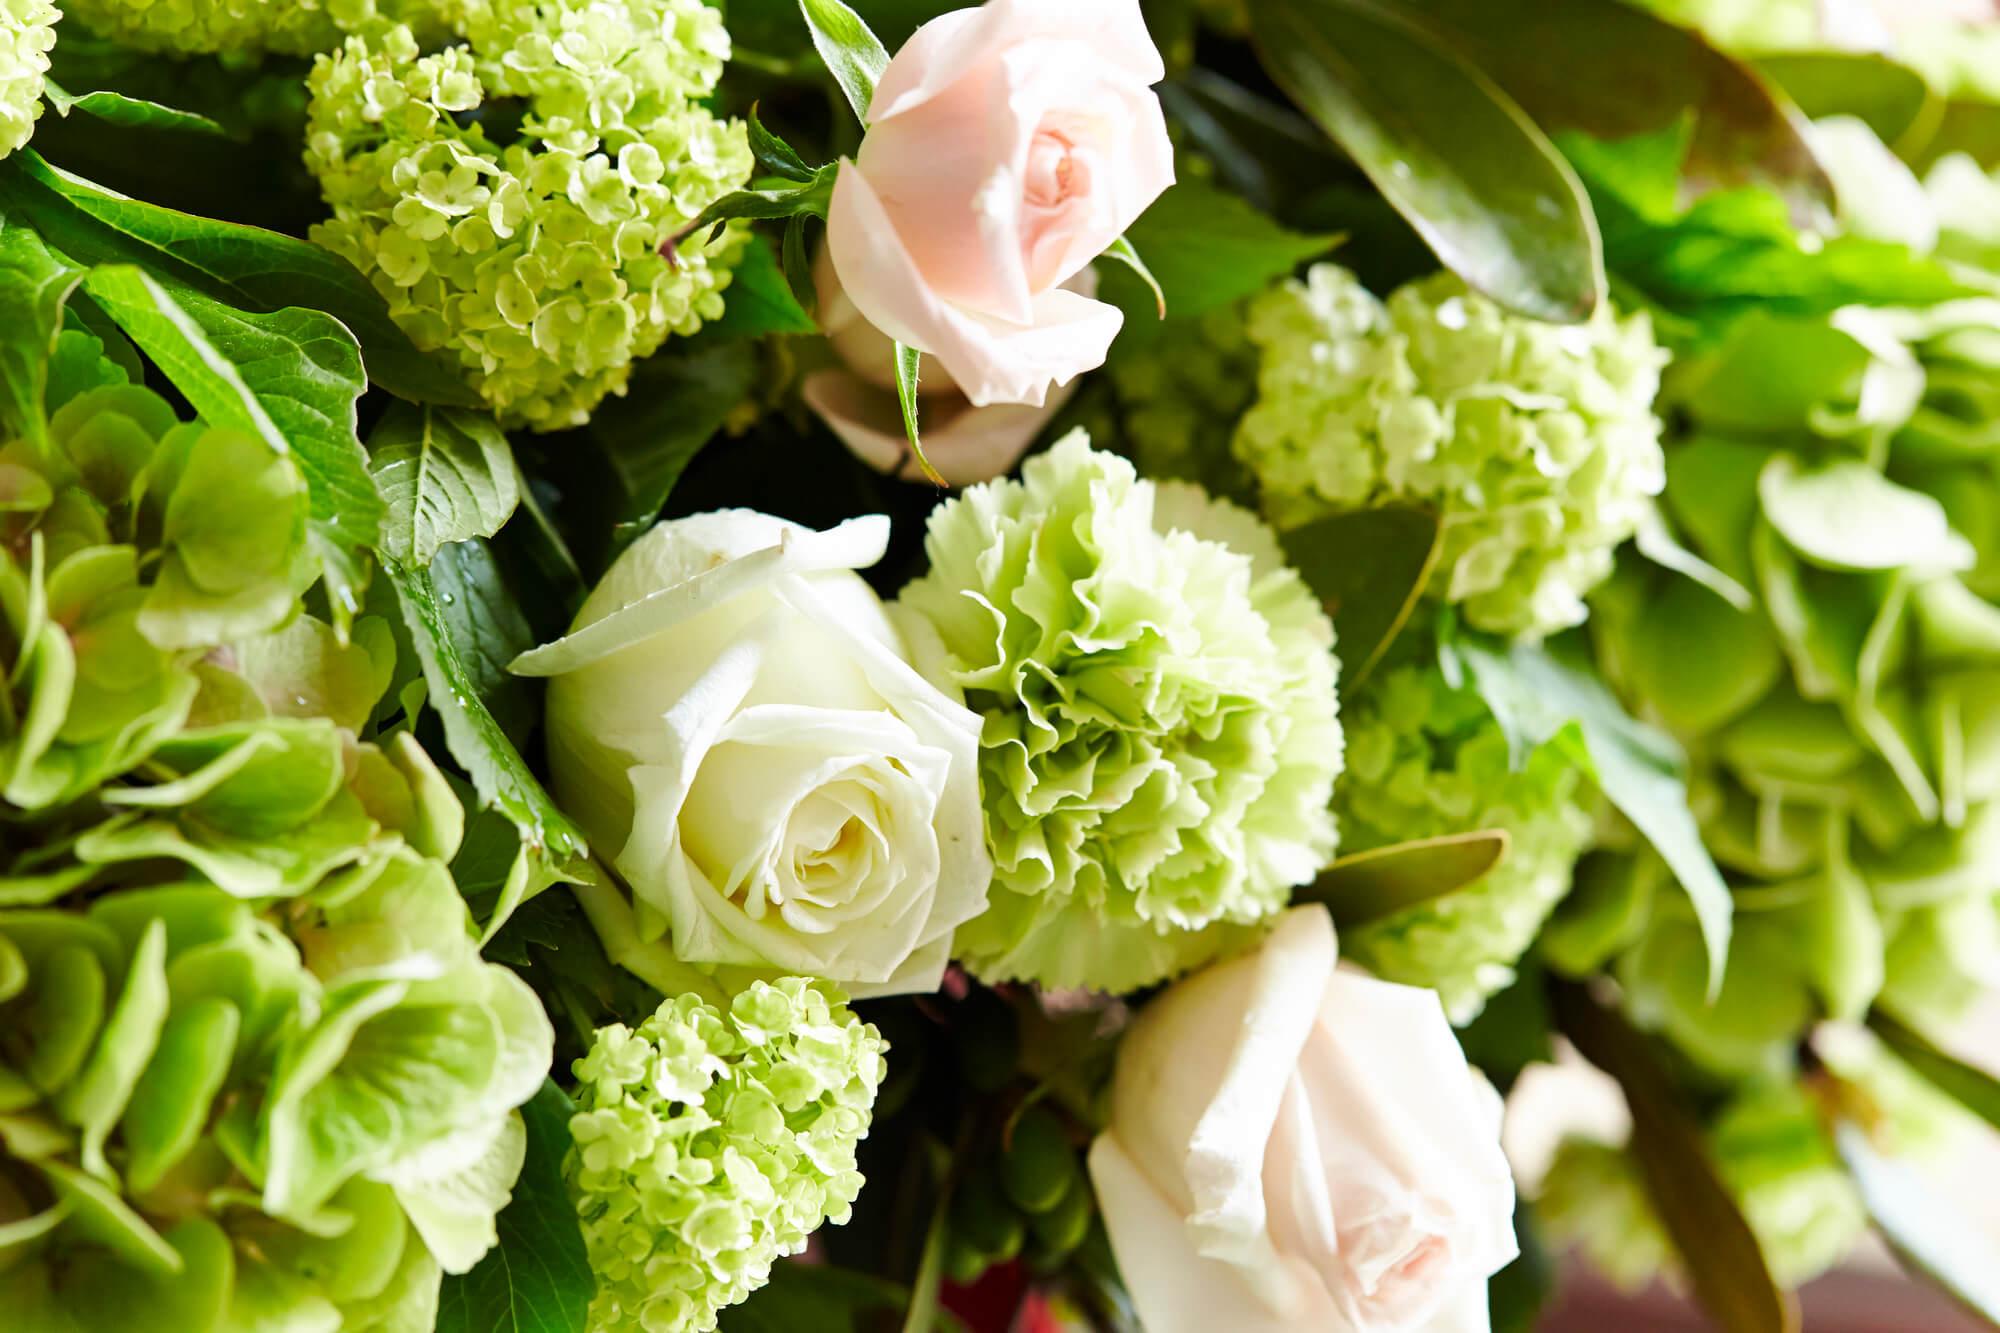 結婚記念日にふさわしい誕生花とすてきな花言葉